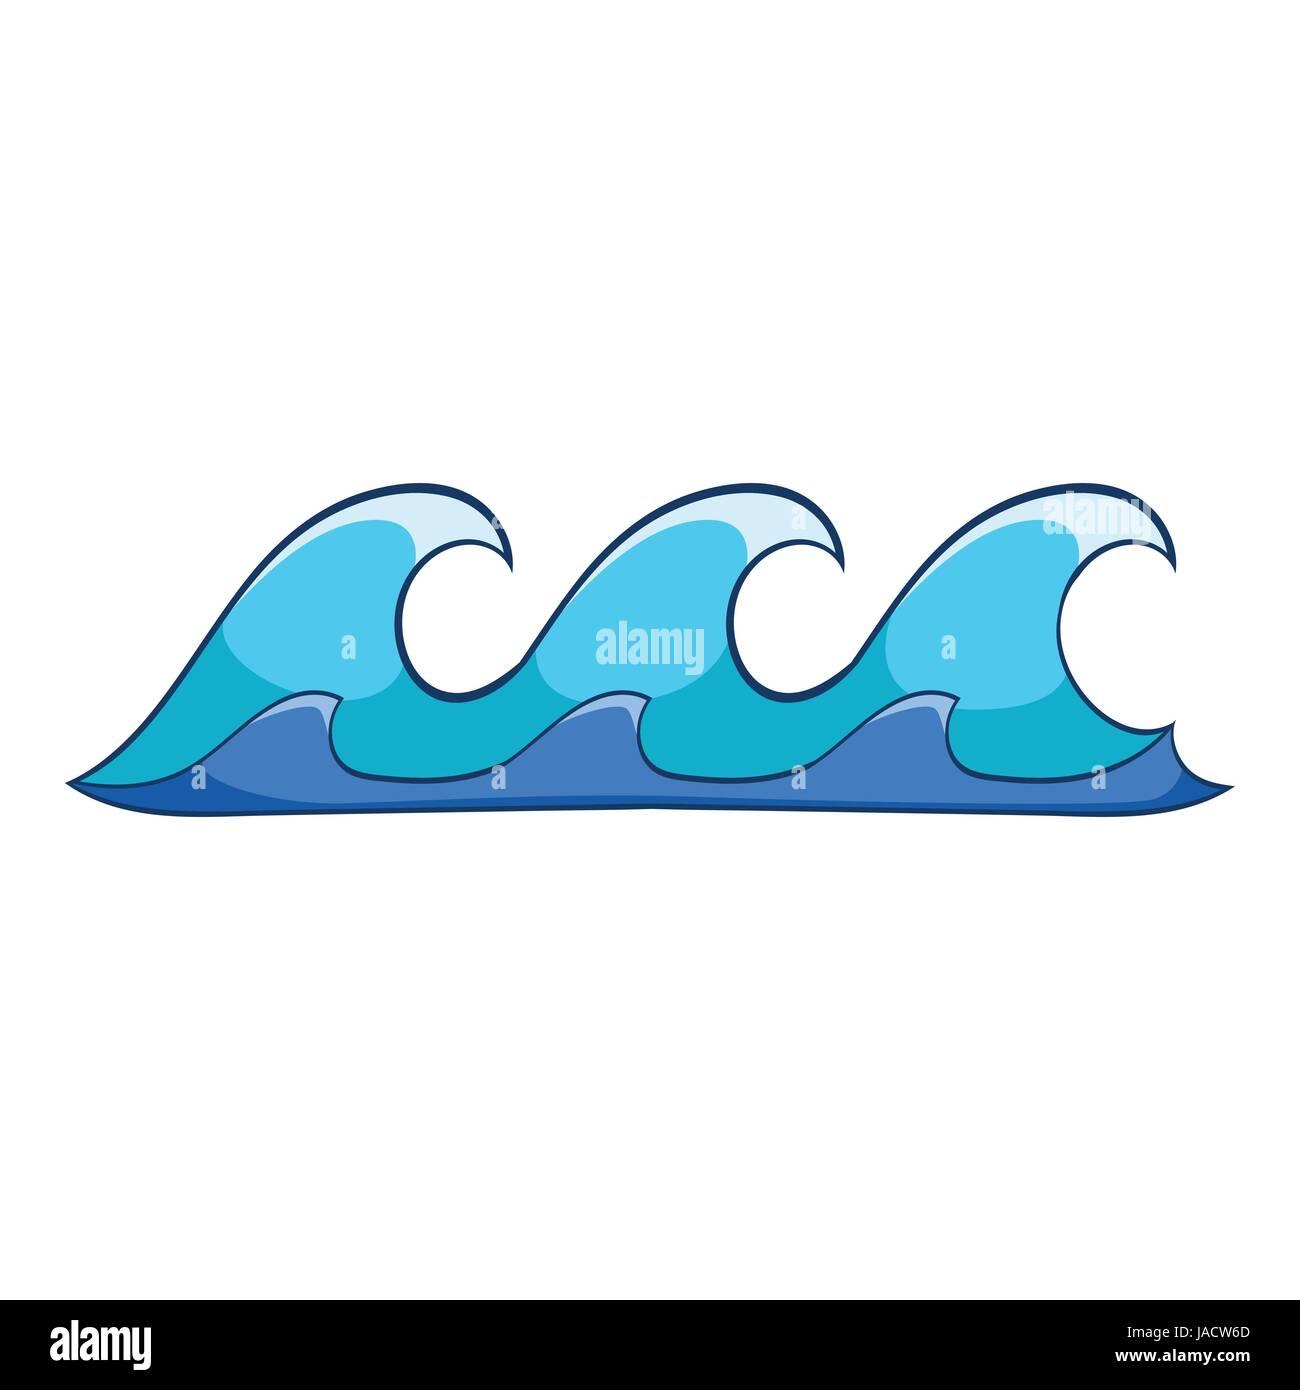 Icono De Olas Pequeñas Ilustración De Dibujos Animados De Olas